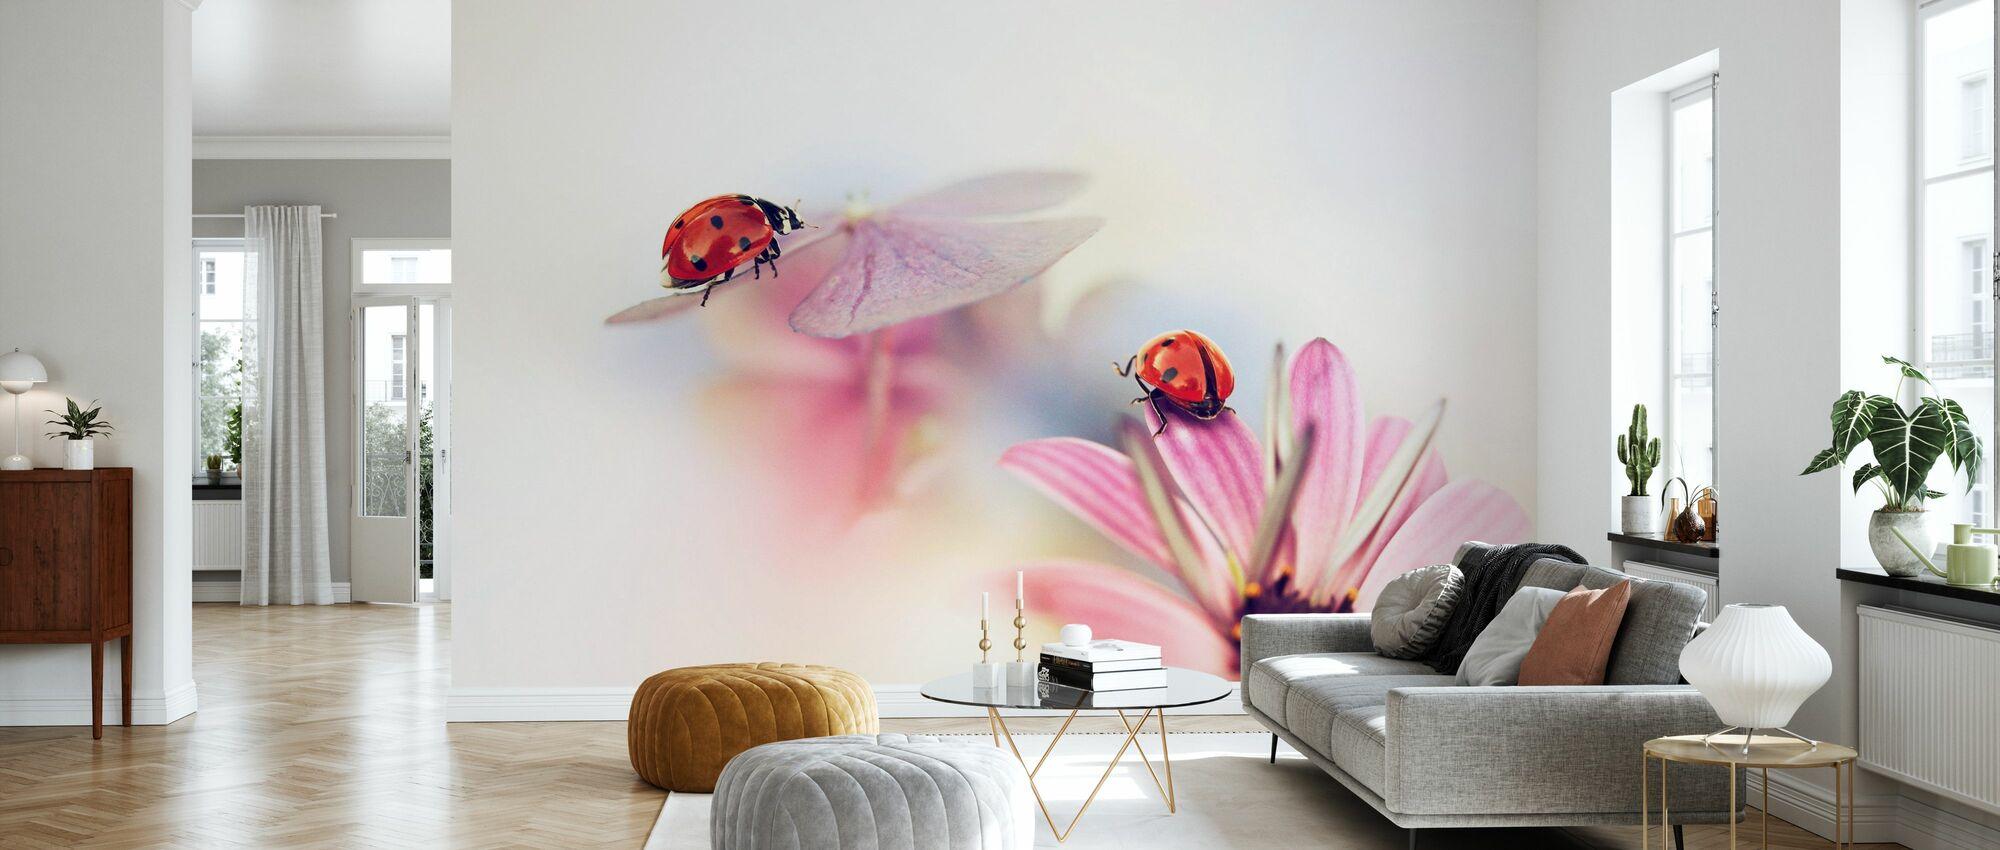 Last Days of Summer - Wallpaper - Living Room